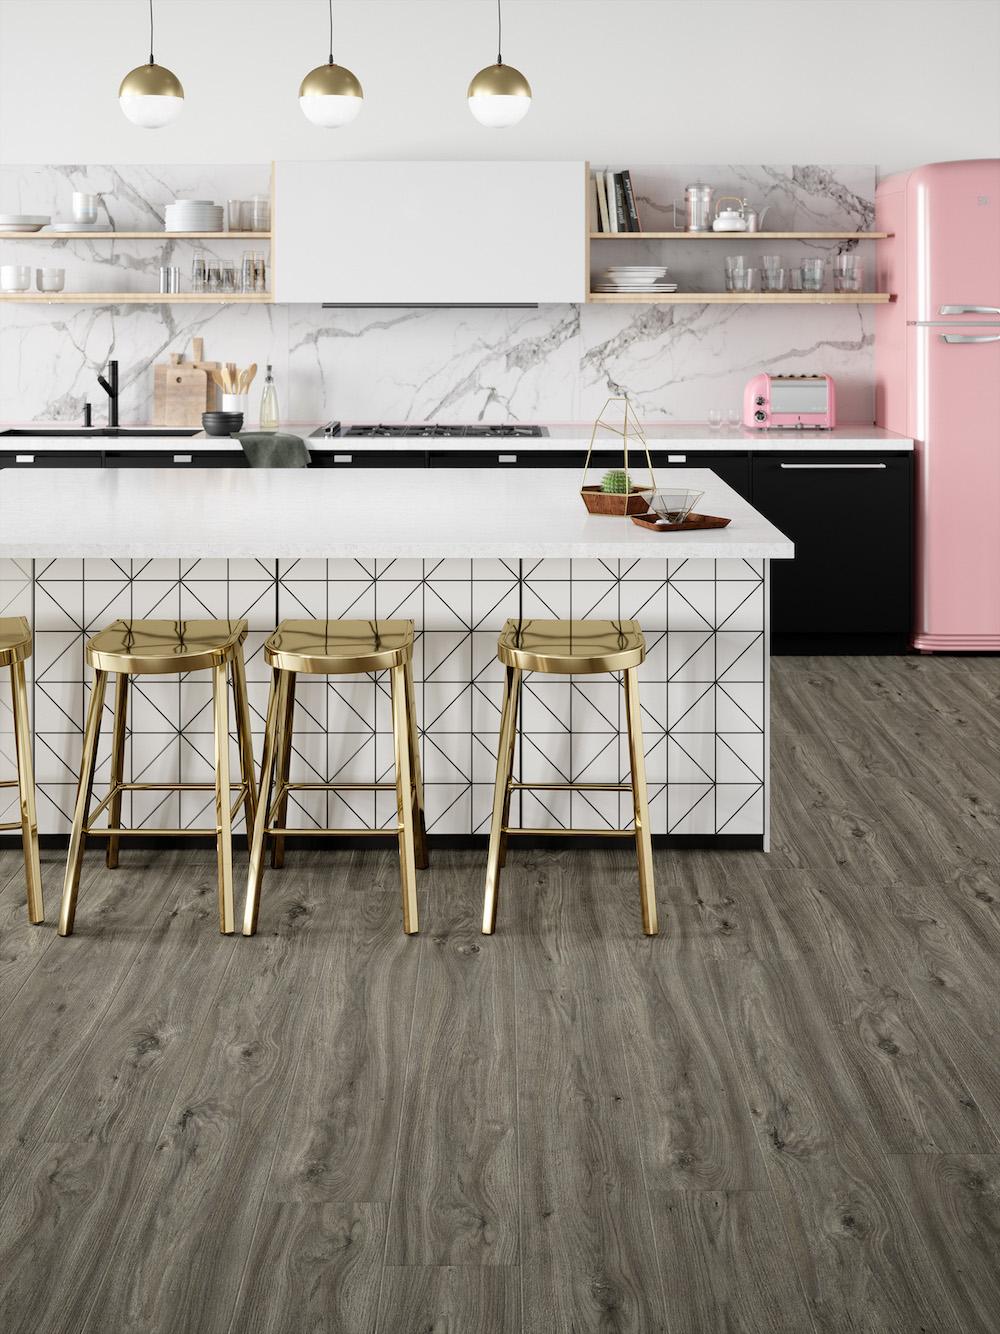 PVC vloer met houtlook met de uitstraling van een plankenvloer. Uit de natural Impressive floors collectie van Moduleo: Sierra Oak #moduleo #pvcvloer #pvc #interieur #houtlook #vloer #vloerentrends